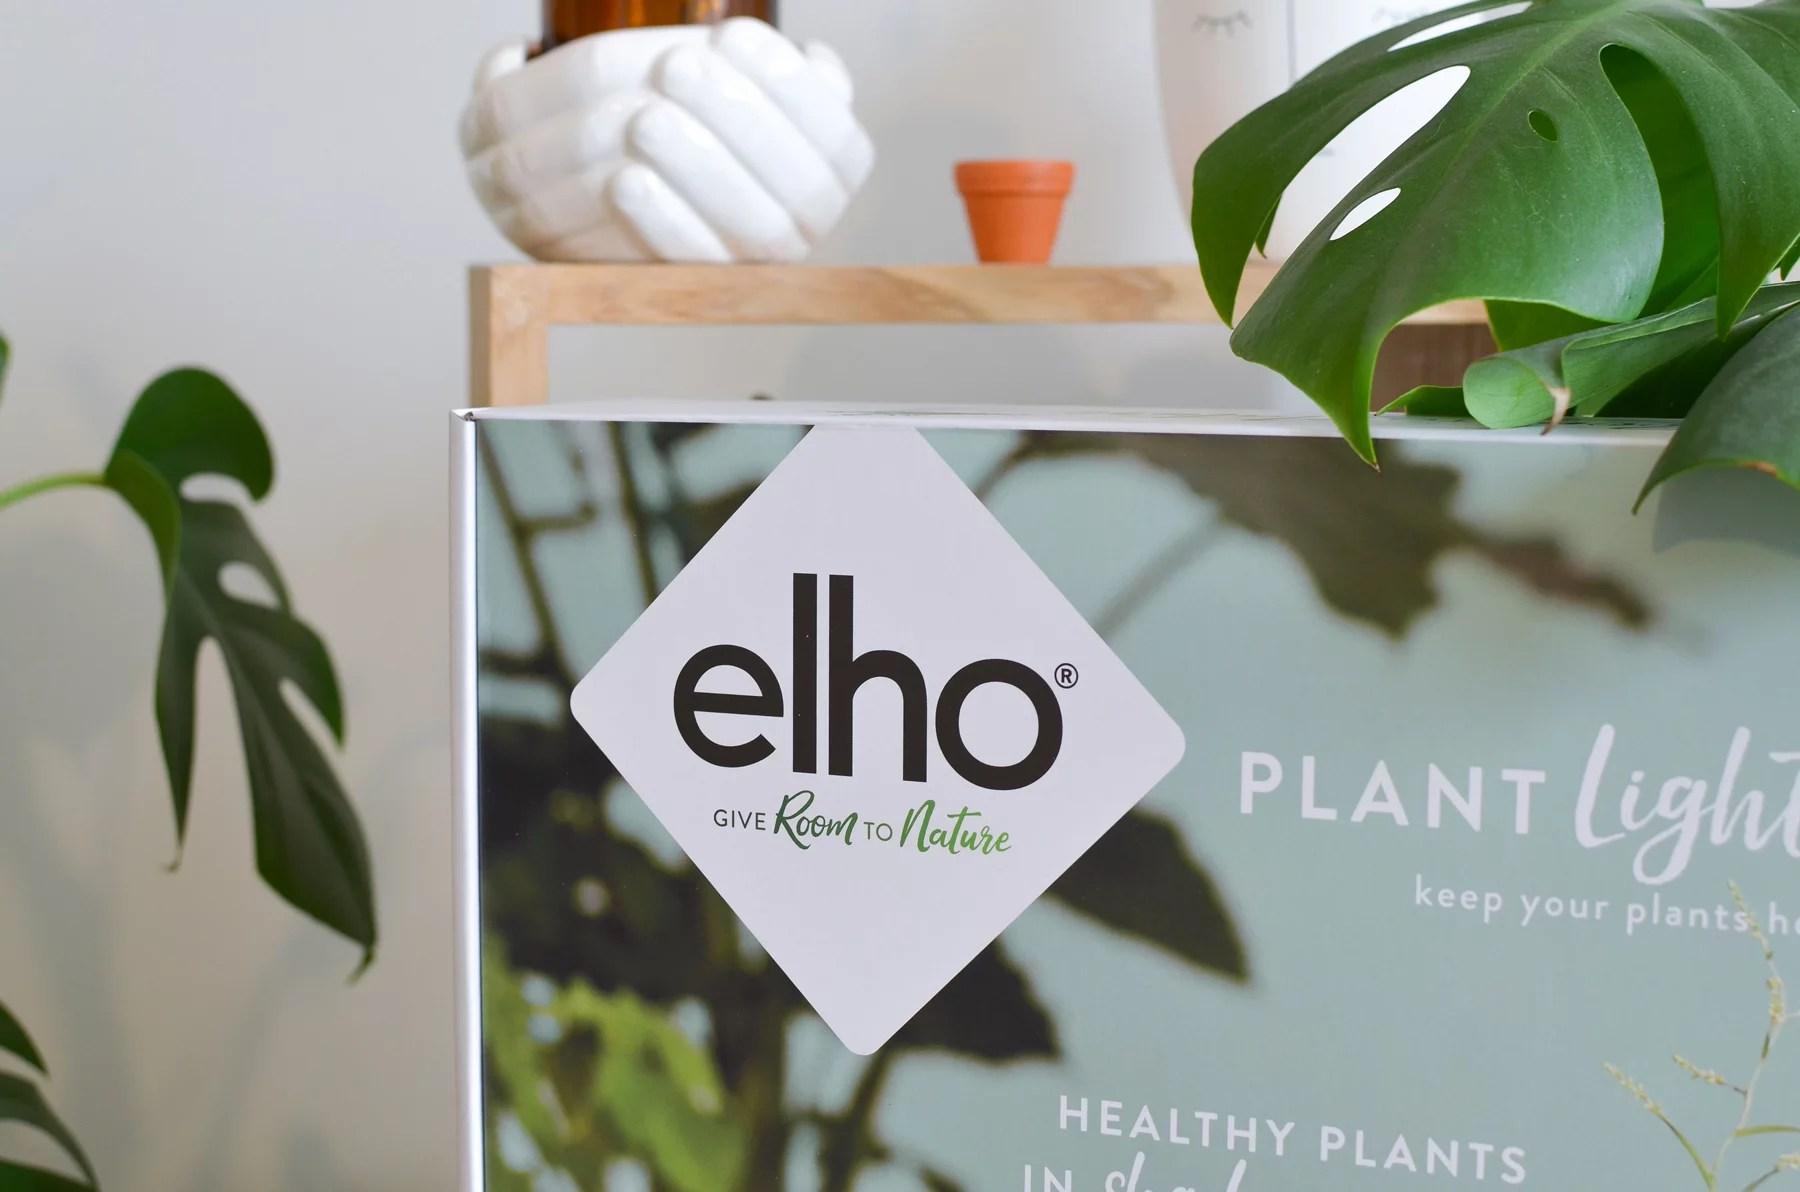 plant light care elho marmille 2 - Mes objets et accessoires design pour ma petite jungle urbaine